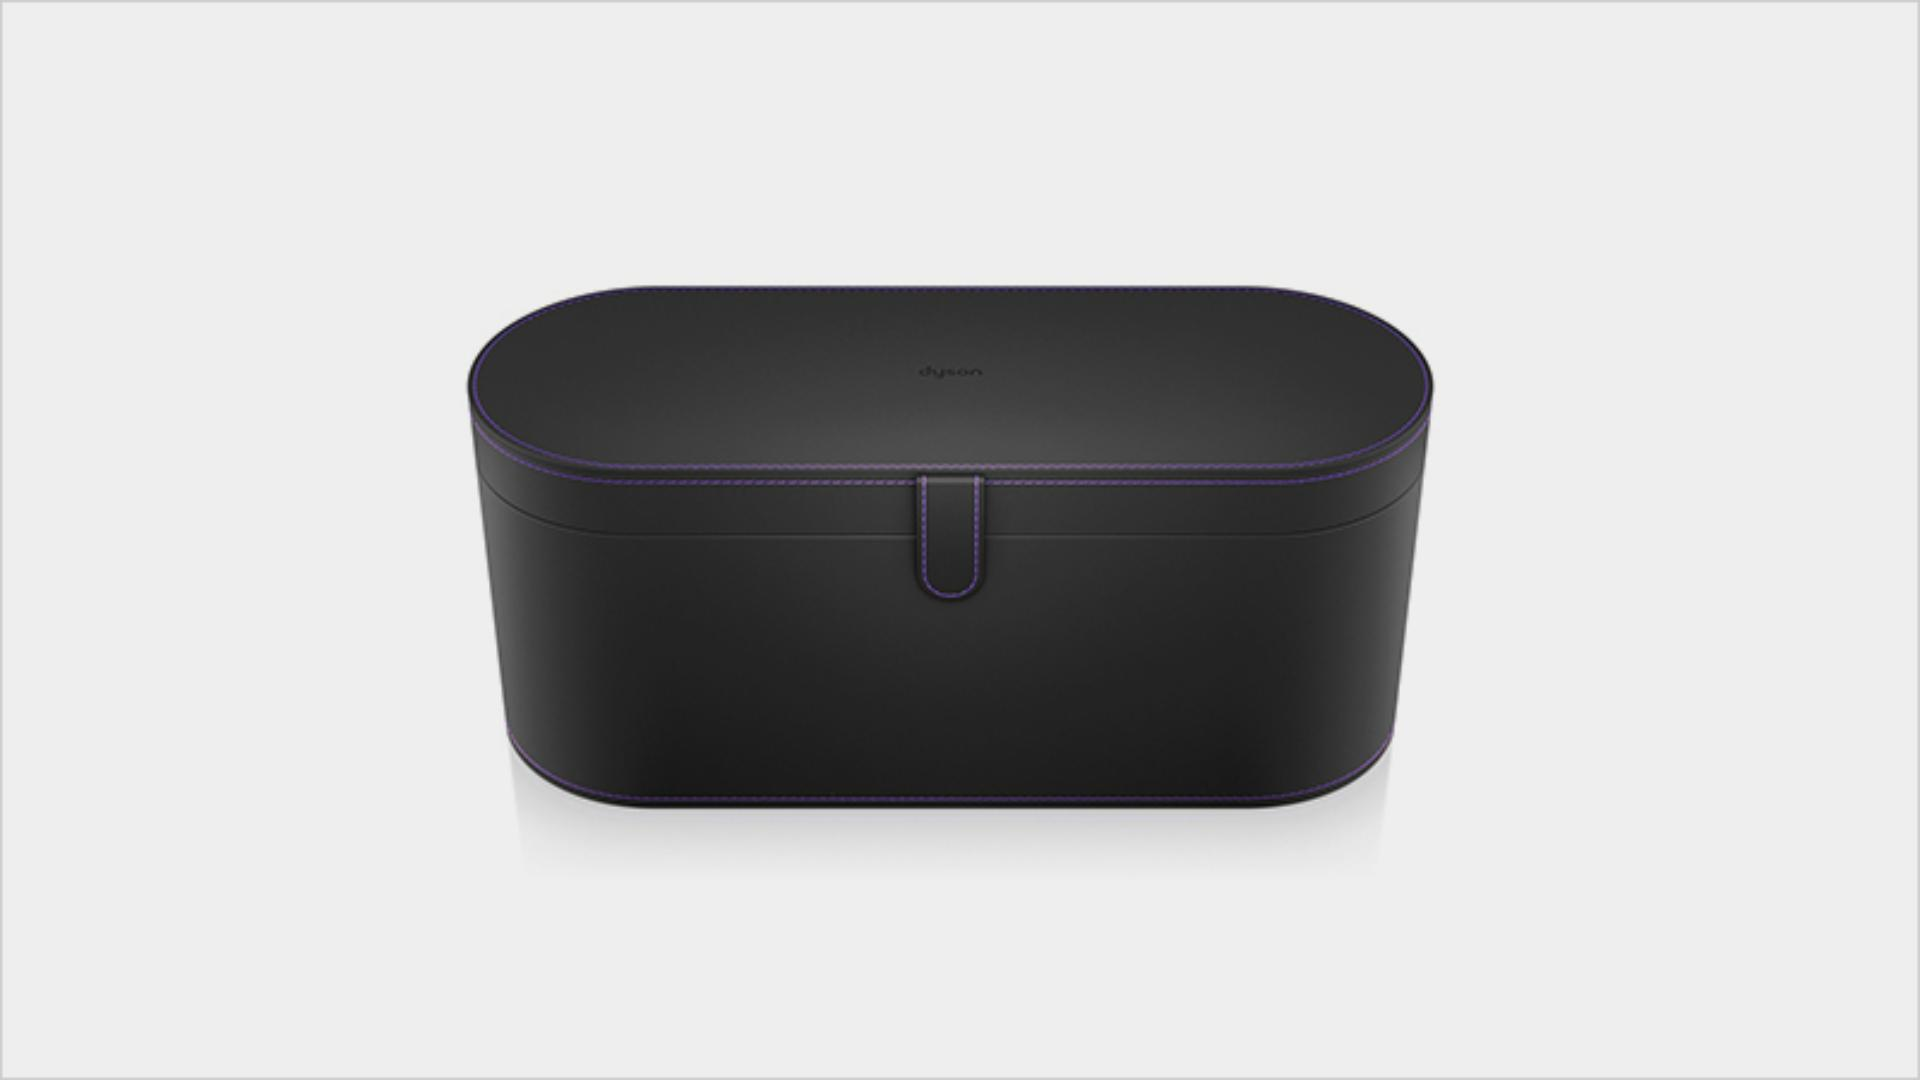 Küçük siyah saklama kutusu